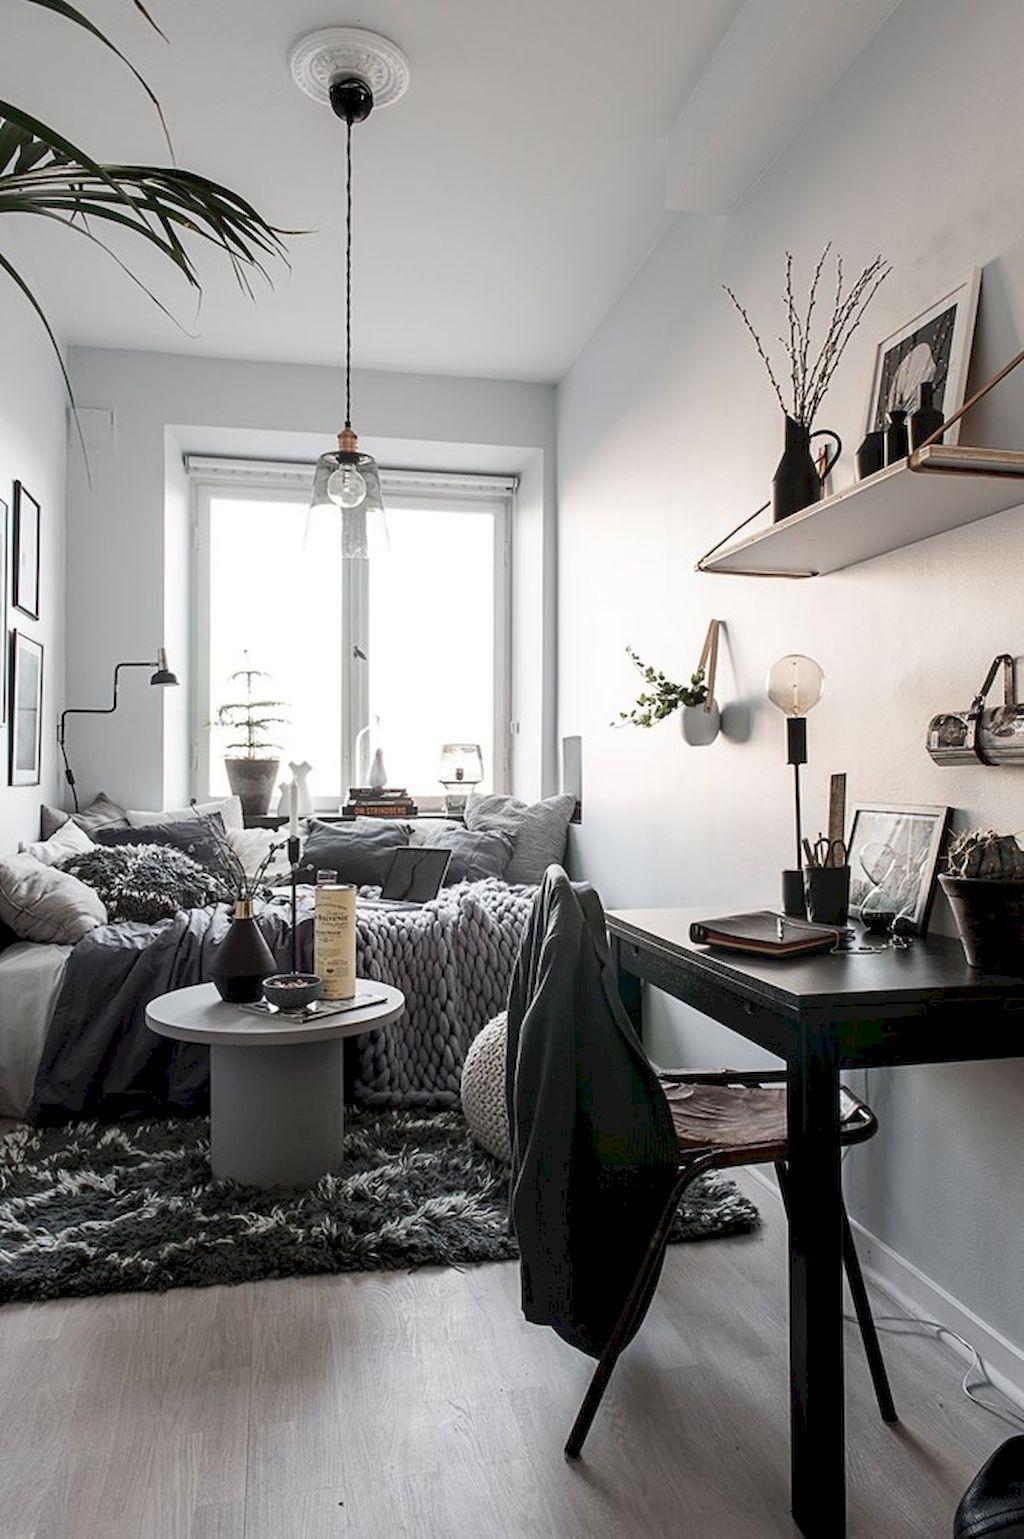 90 Inexpensive Apartment Interior Design Ideas